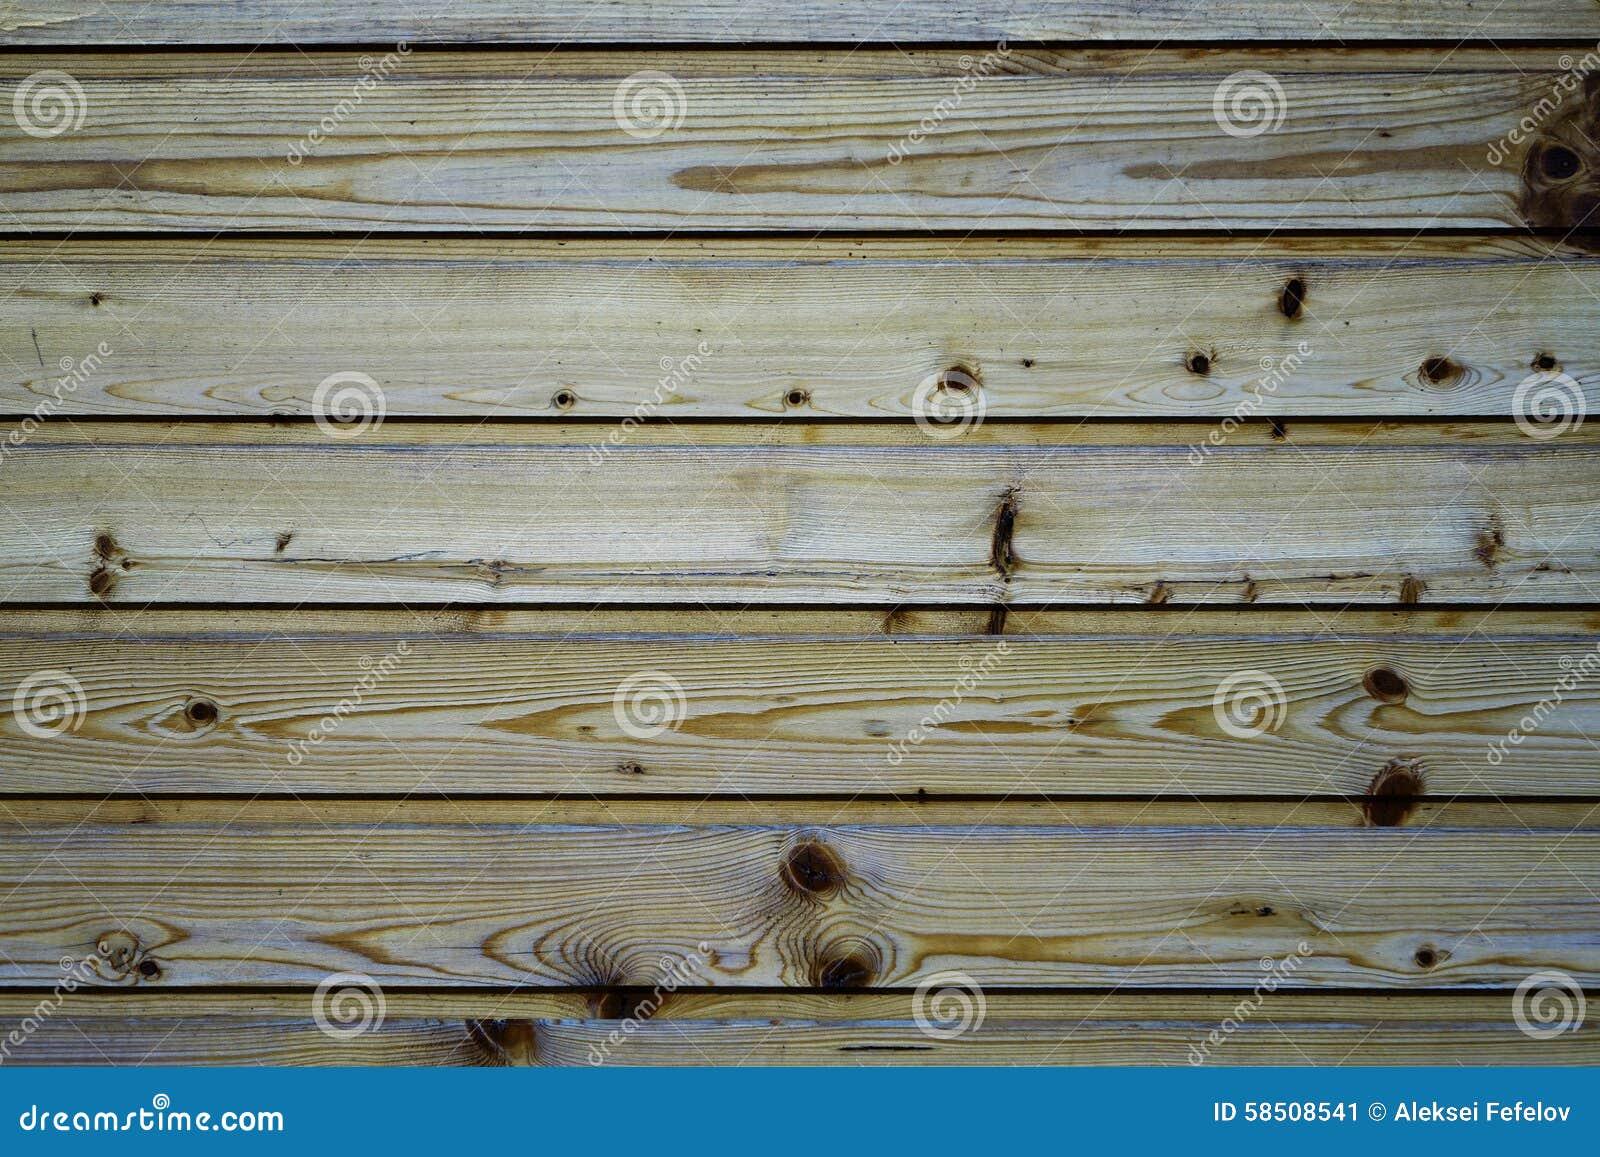 Impression Photo Planche Bois mur, planches en bois, pin la texture de l'arbre fond image